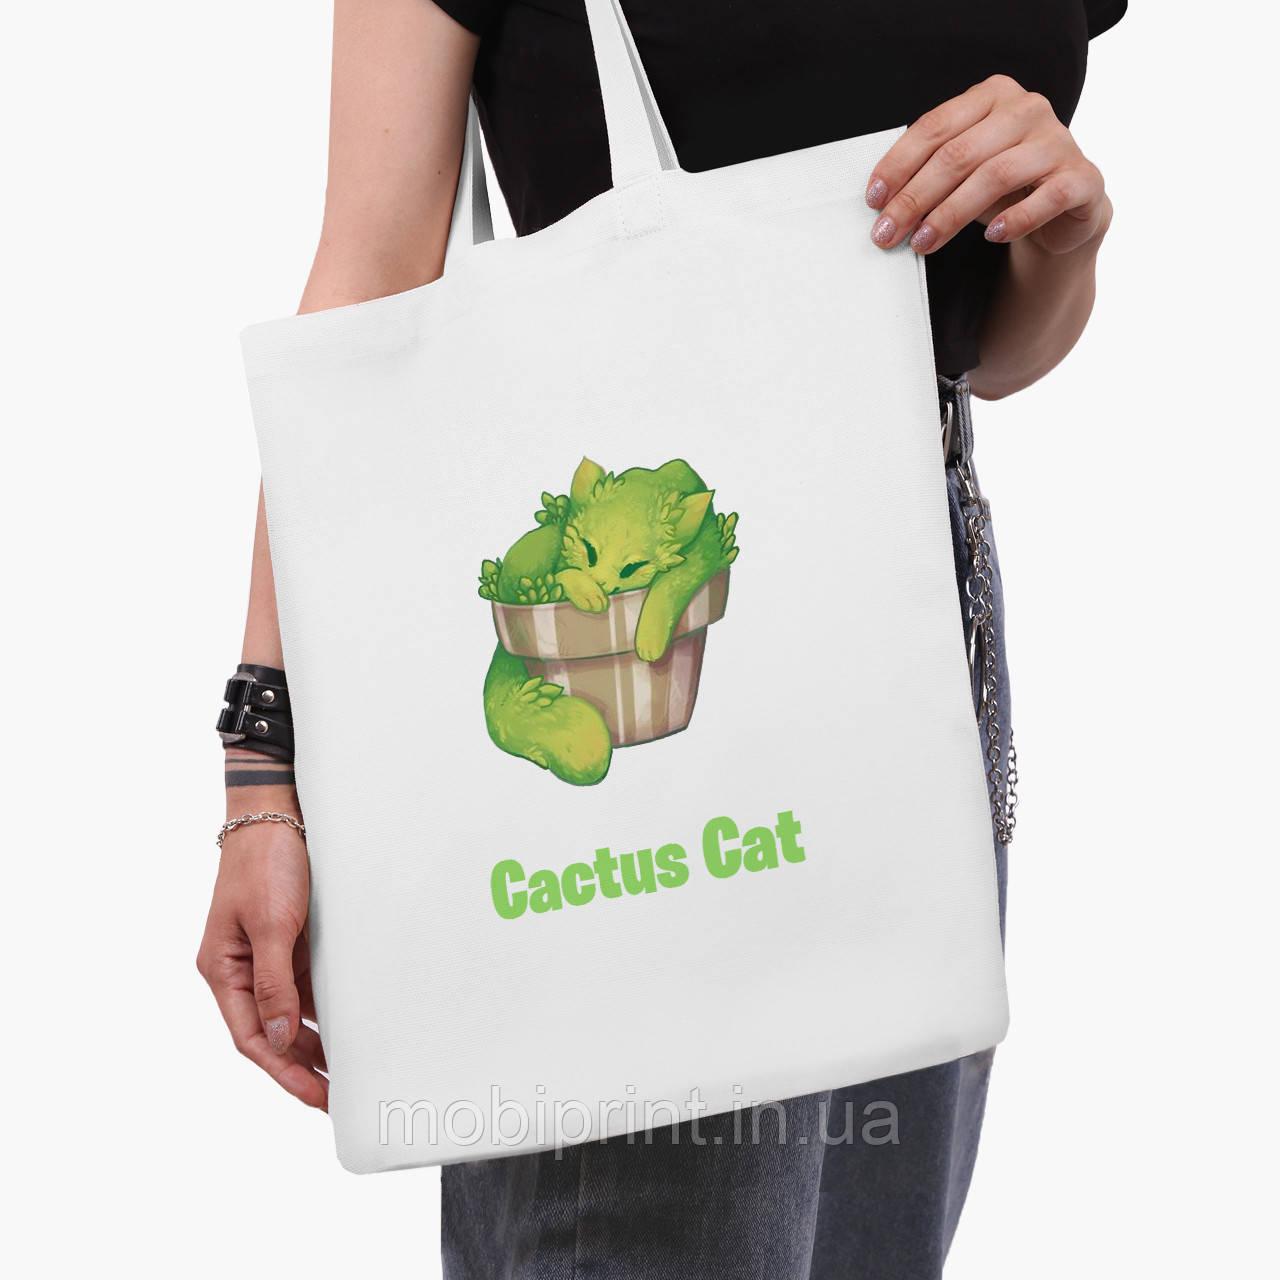 Еко сумка шоппер біла Екологія (Ecology) (9227-1335-3) 41*35 см